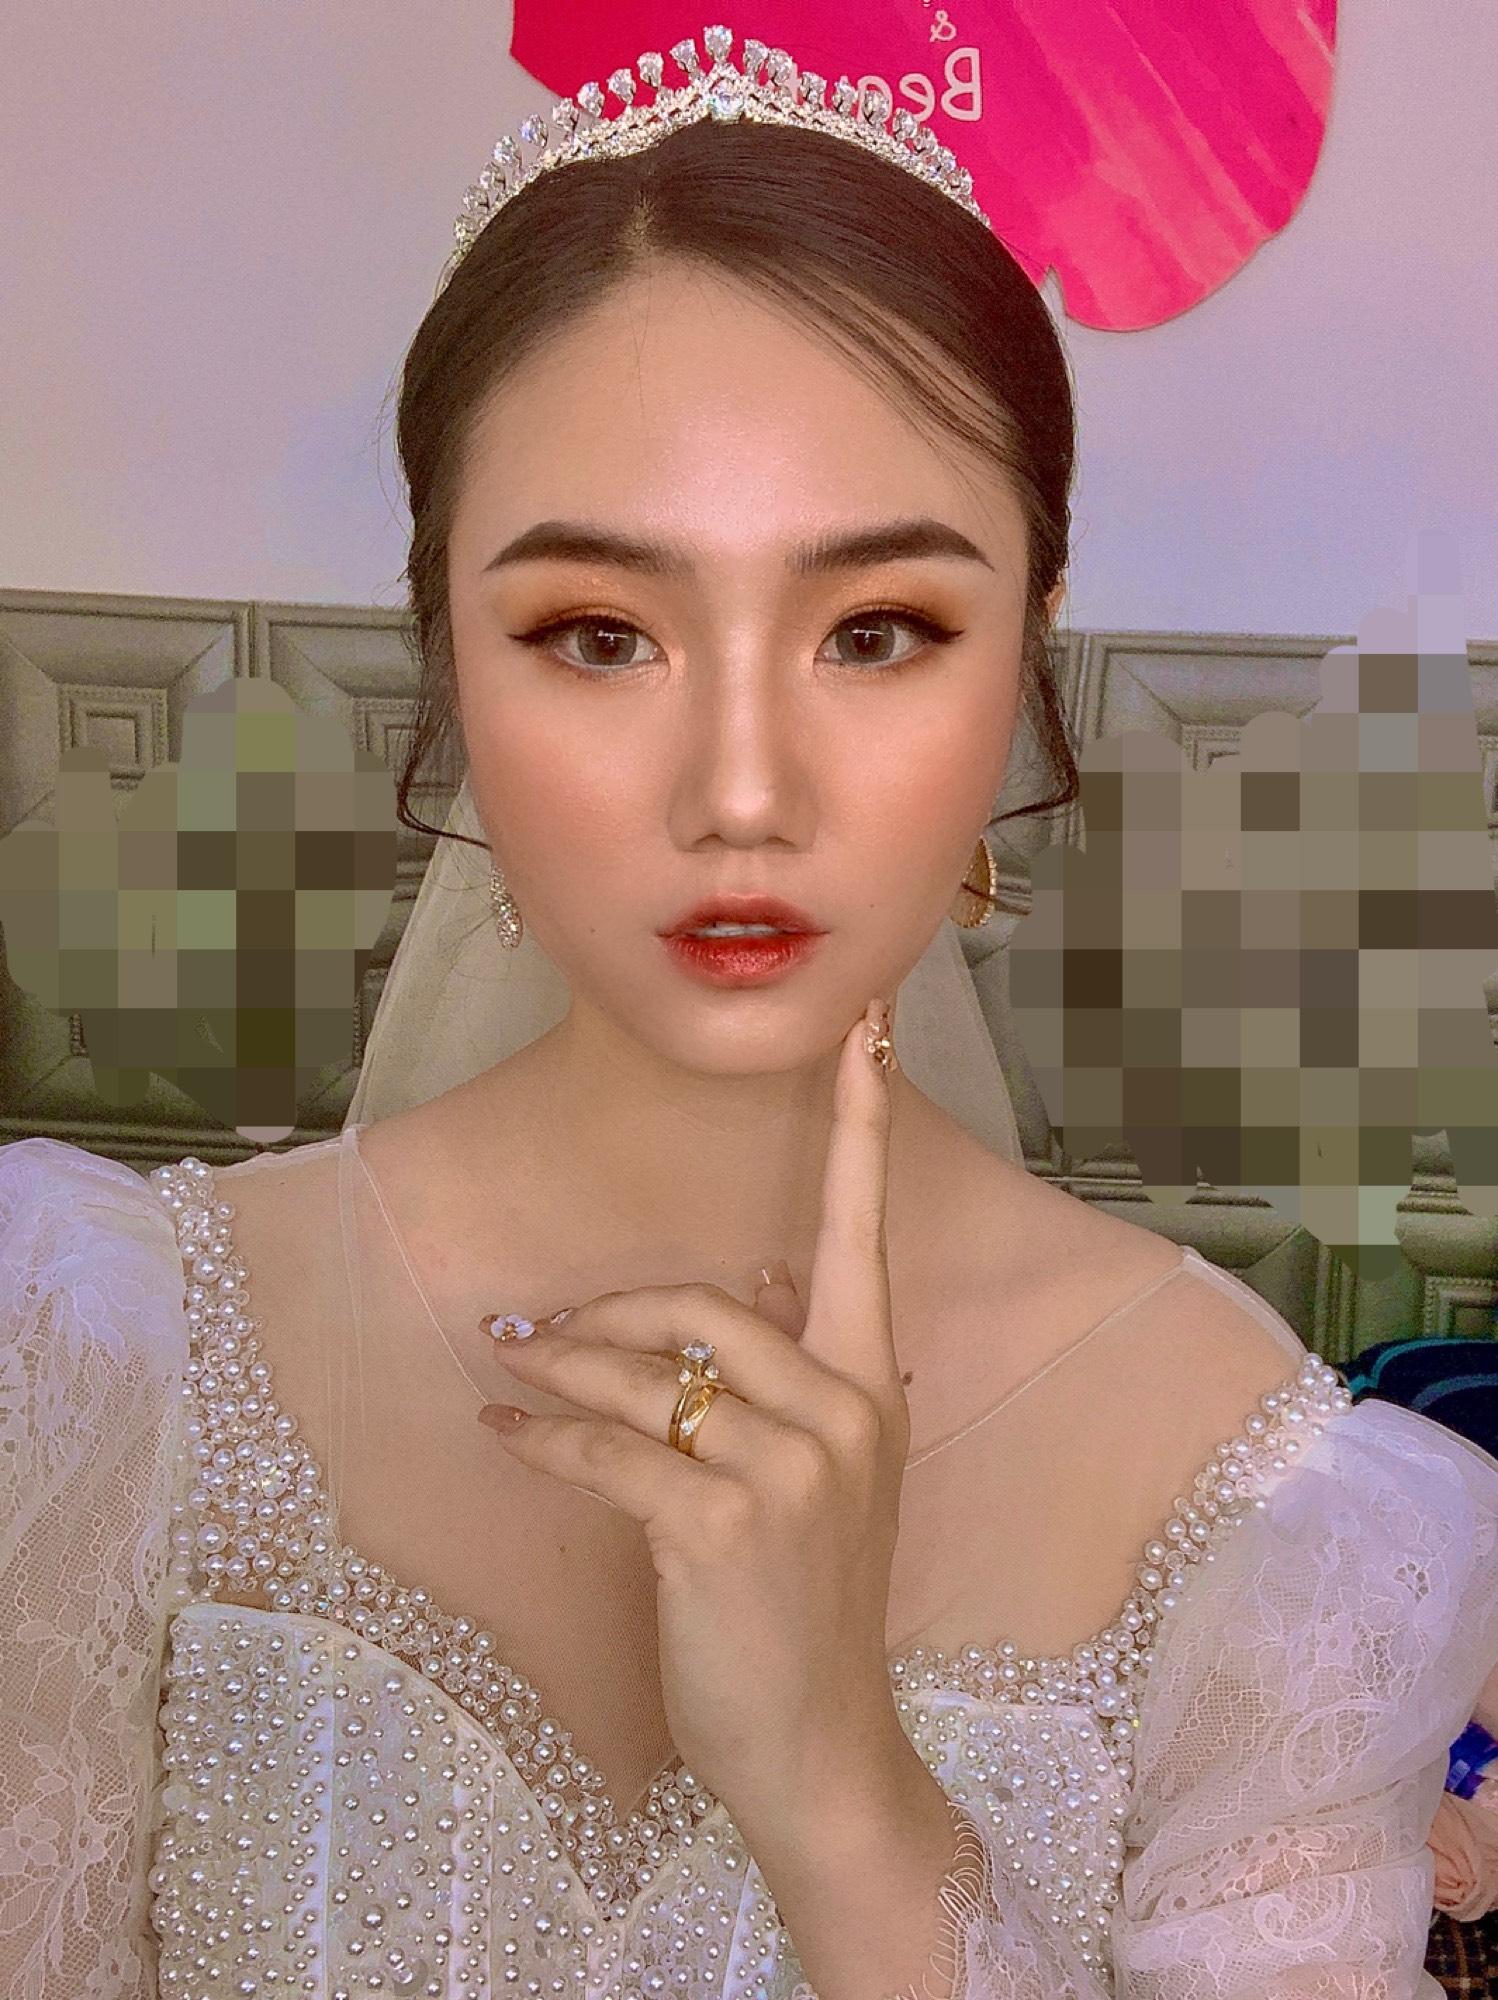 xu-huong-trang-diem-co-dau-thinh-hanh-2021